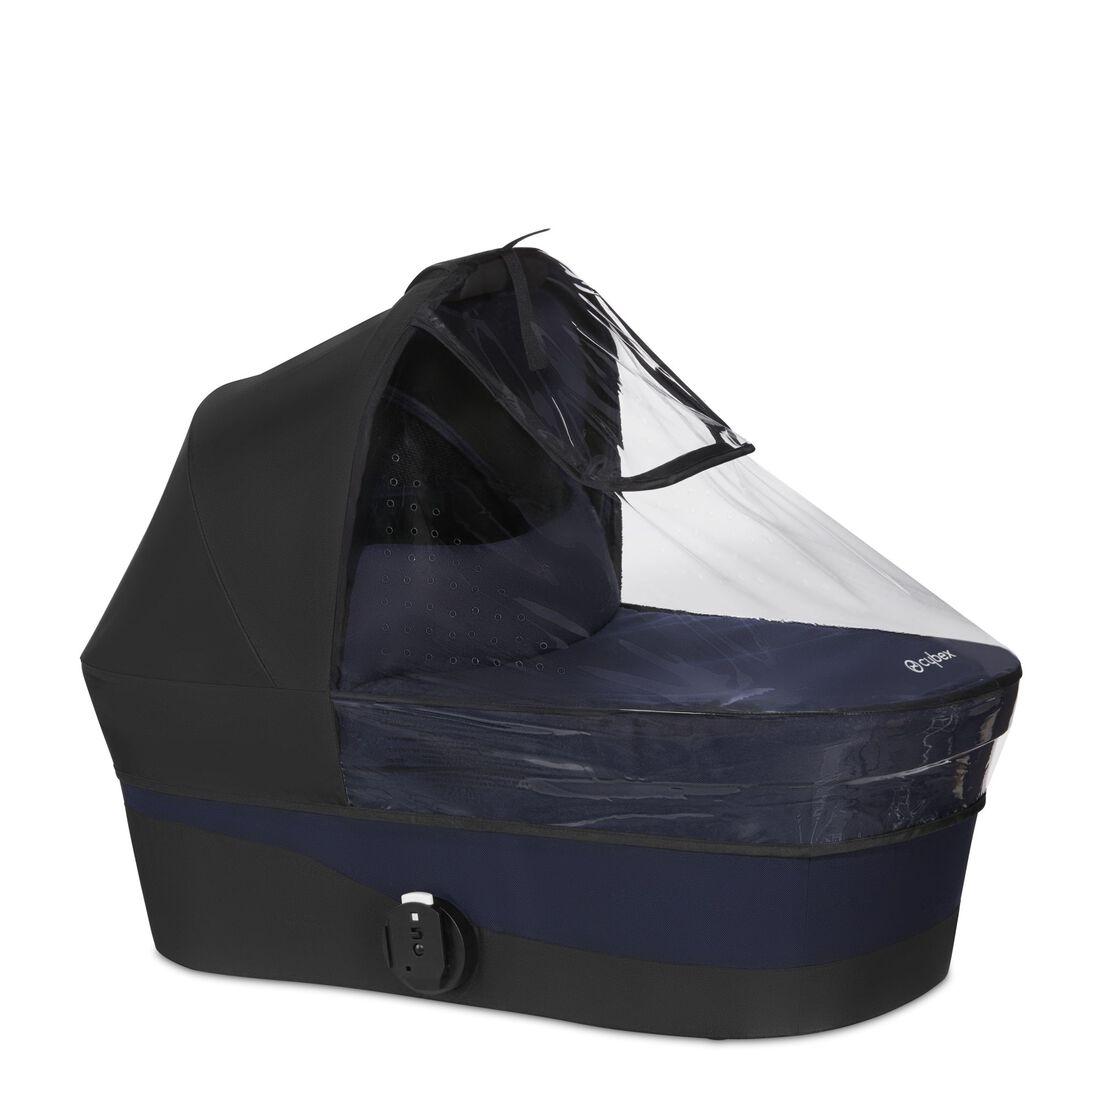 CYBEX Regenverdeck Stroller Gazelle S Cot - Transparent in Transparent large Bild 1